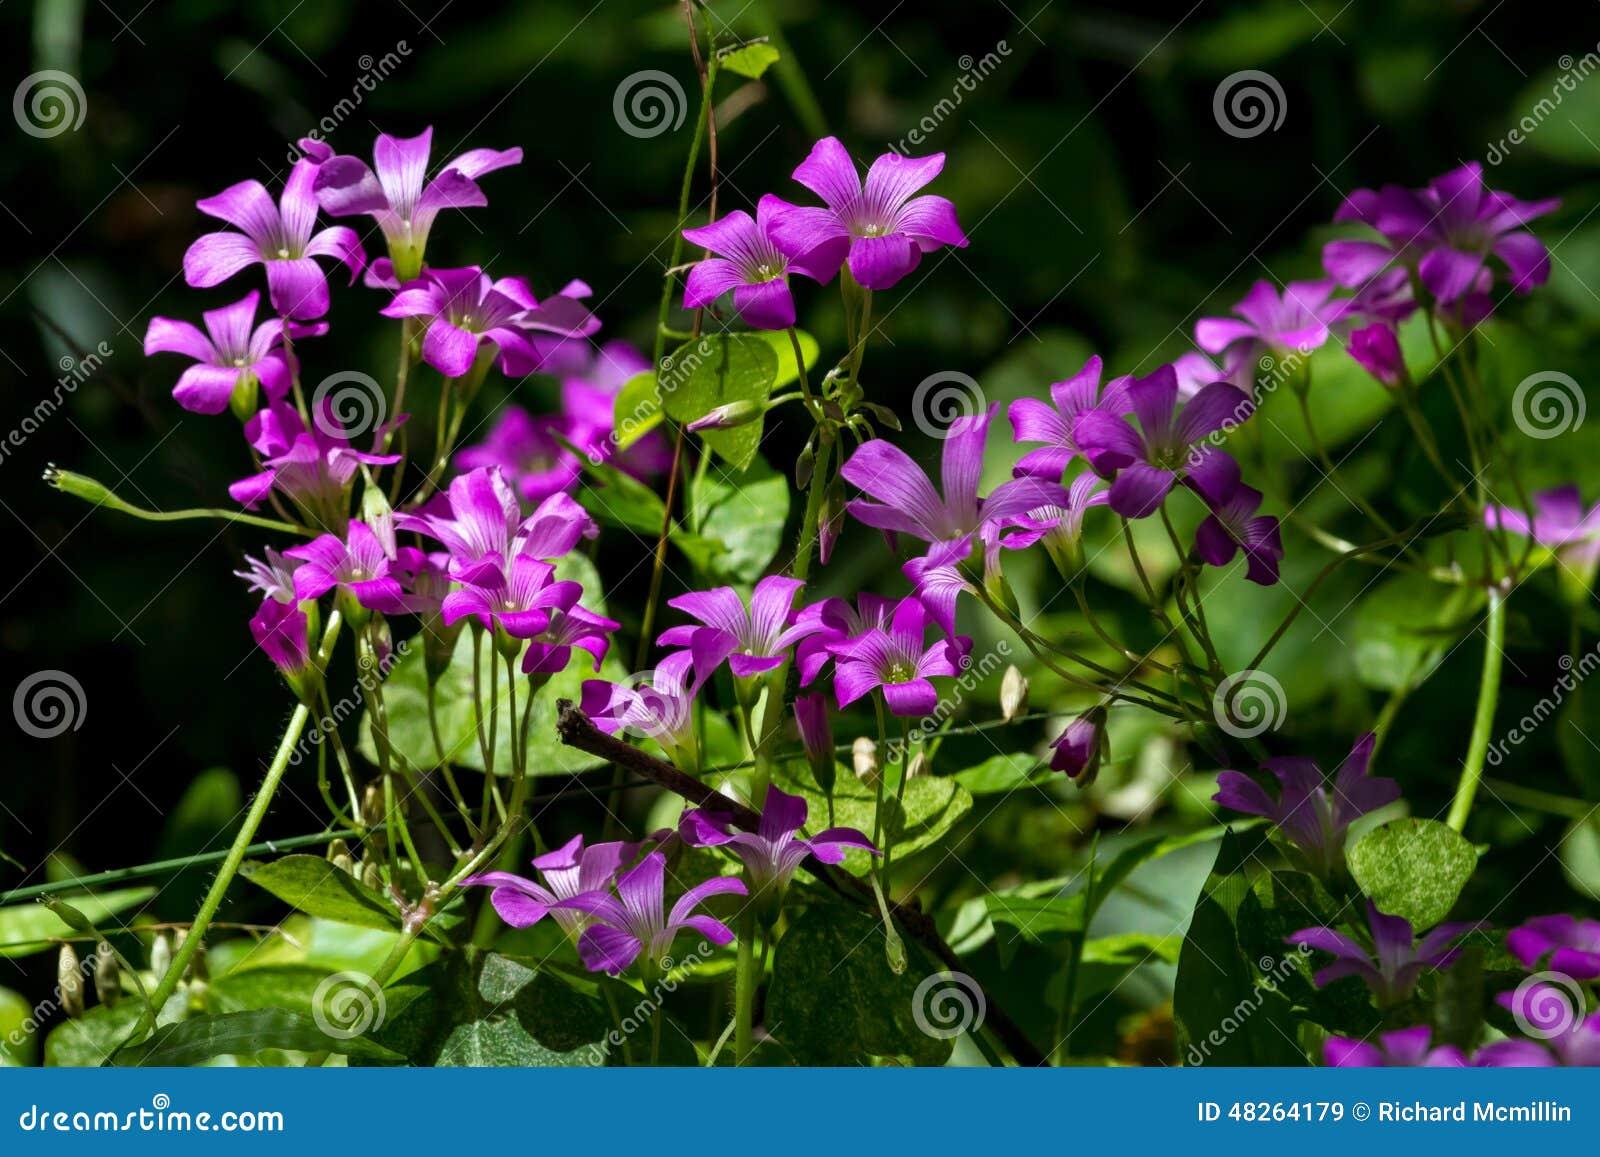 美丽的紫罗兰色酢浆草在森林里